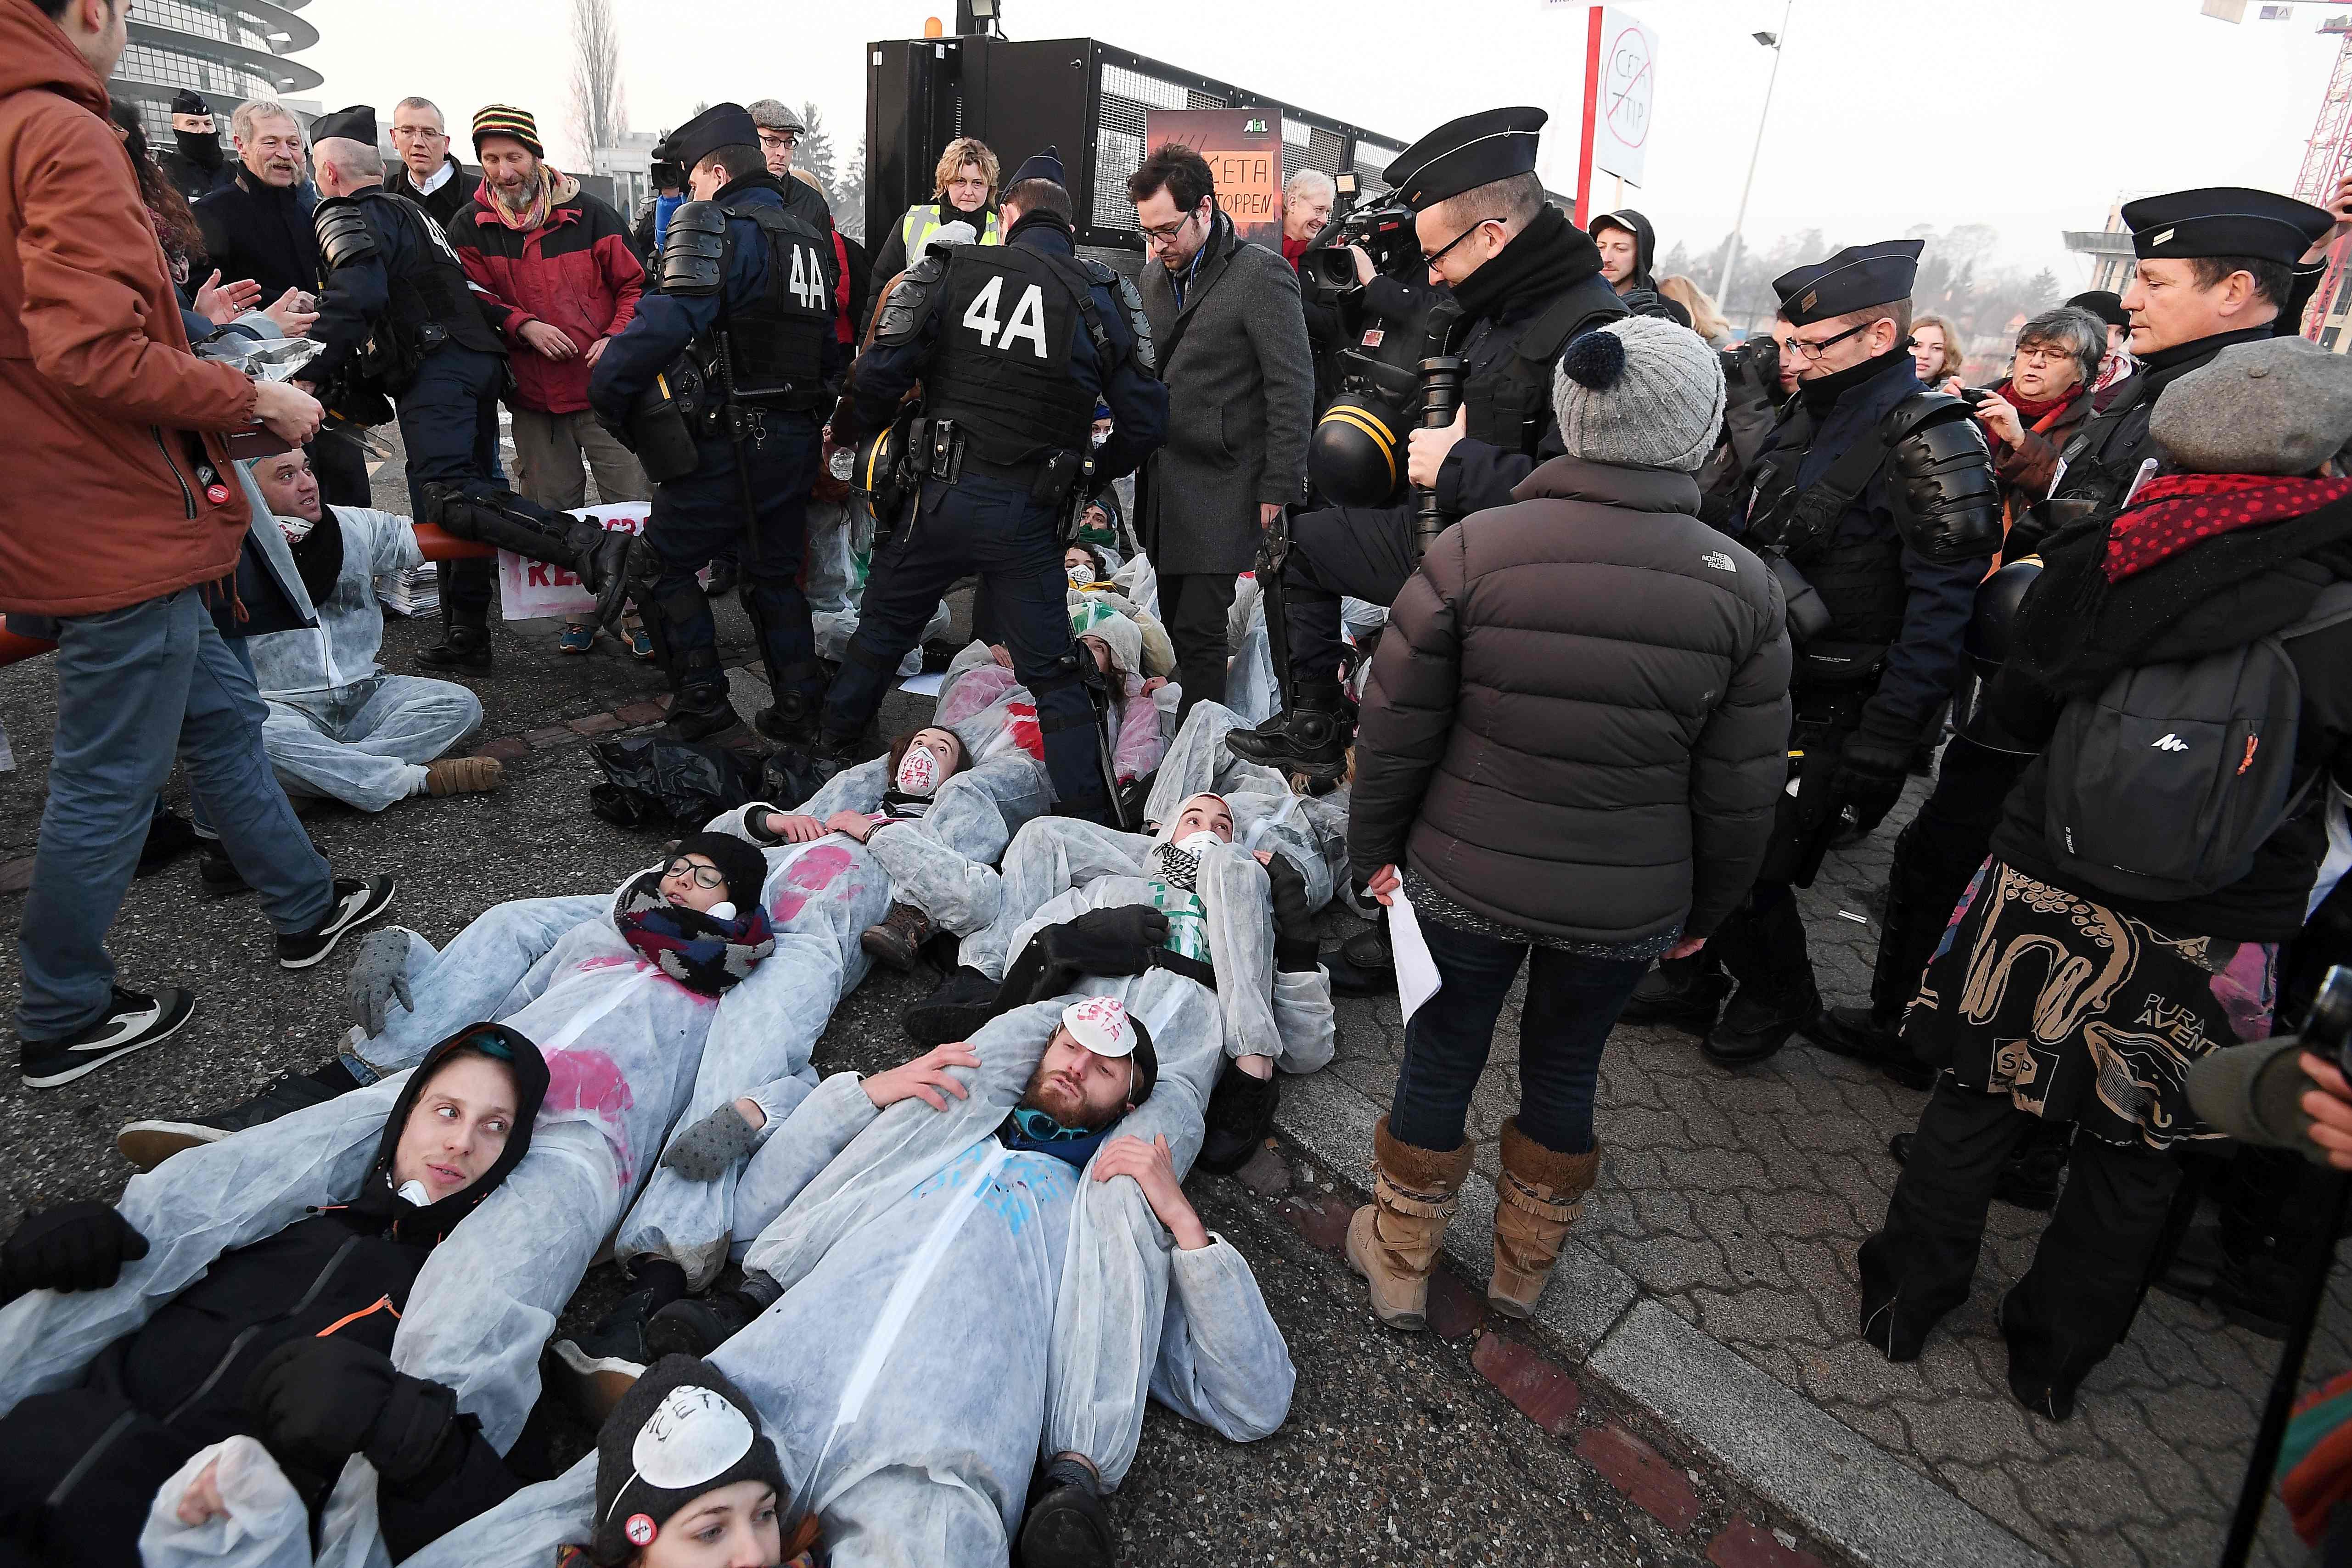 احتجاجات فى فرنسا على اتفاقية اقتصادية بين كندا والاتحاد الأوروبى